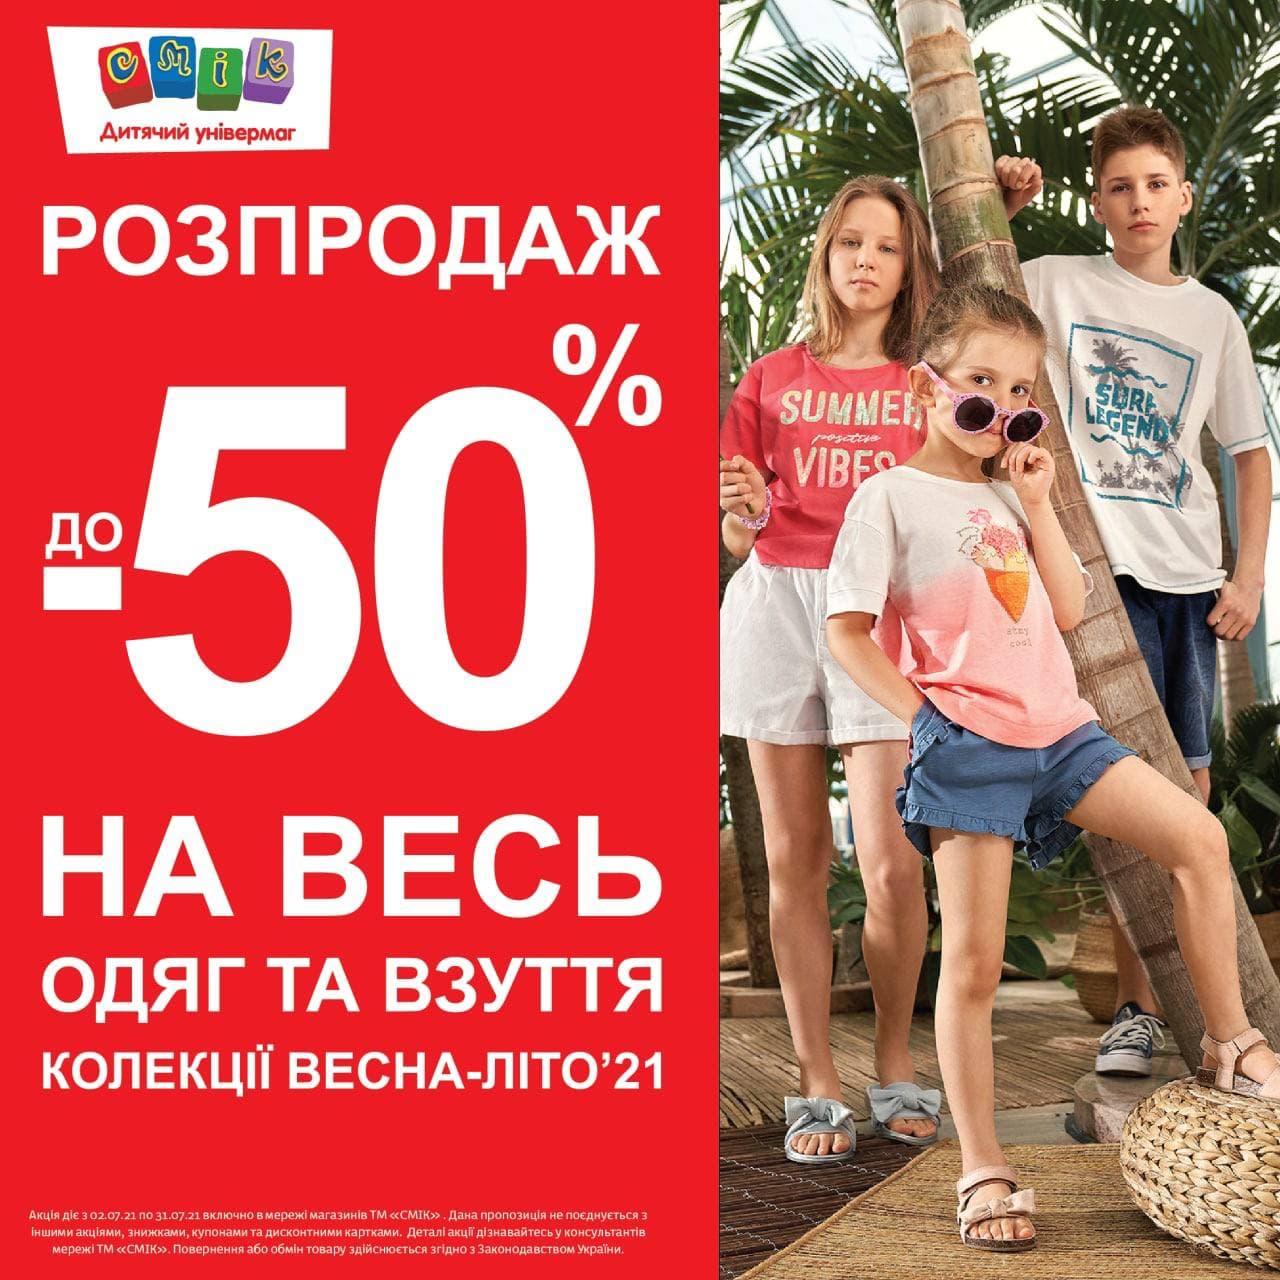 Распродажа до -50% от СМІК - kiev.karavan.com.ua